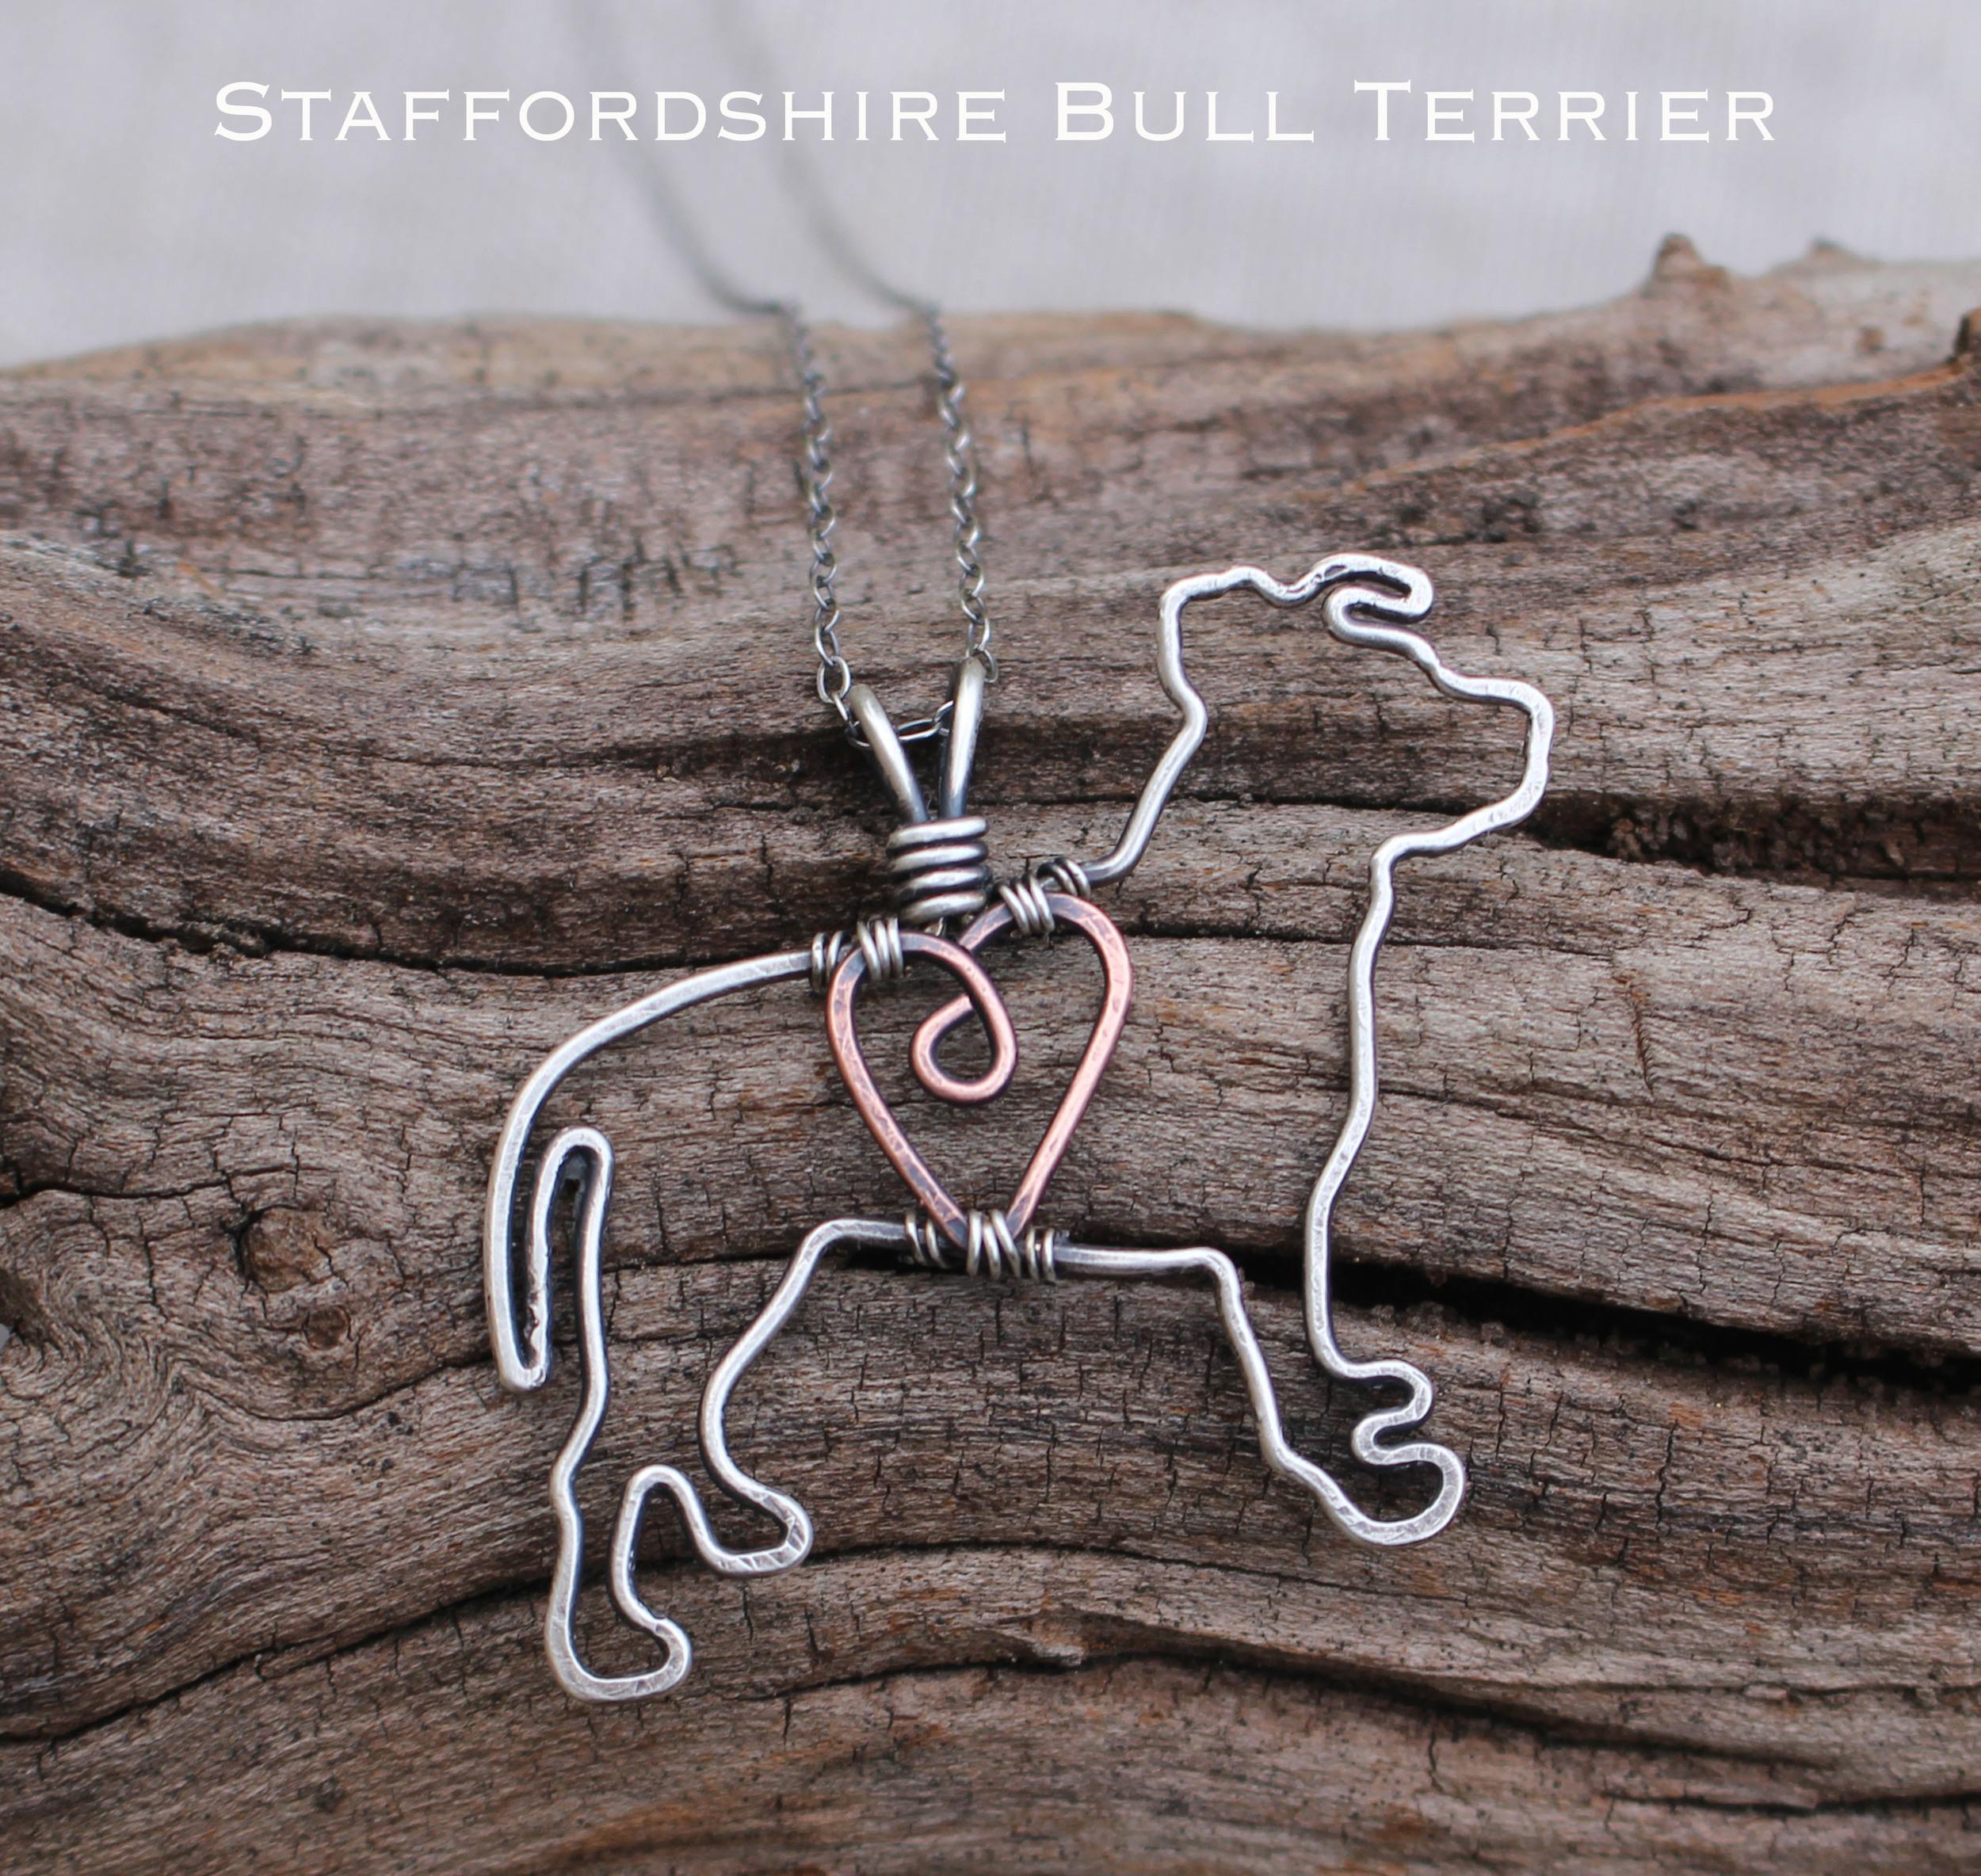 stafordshire terrier3.jpg